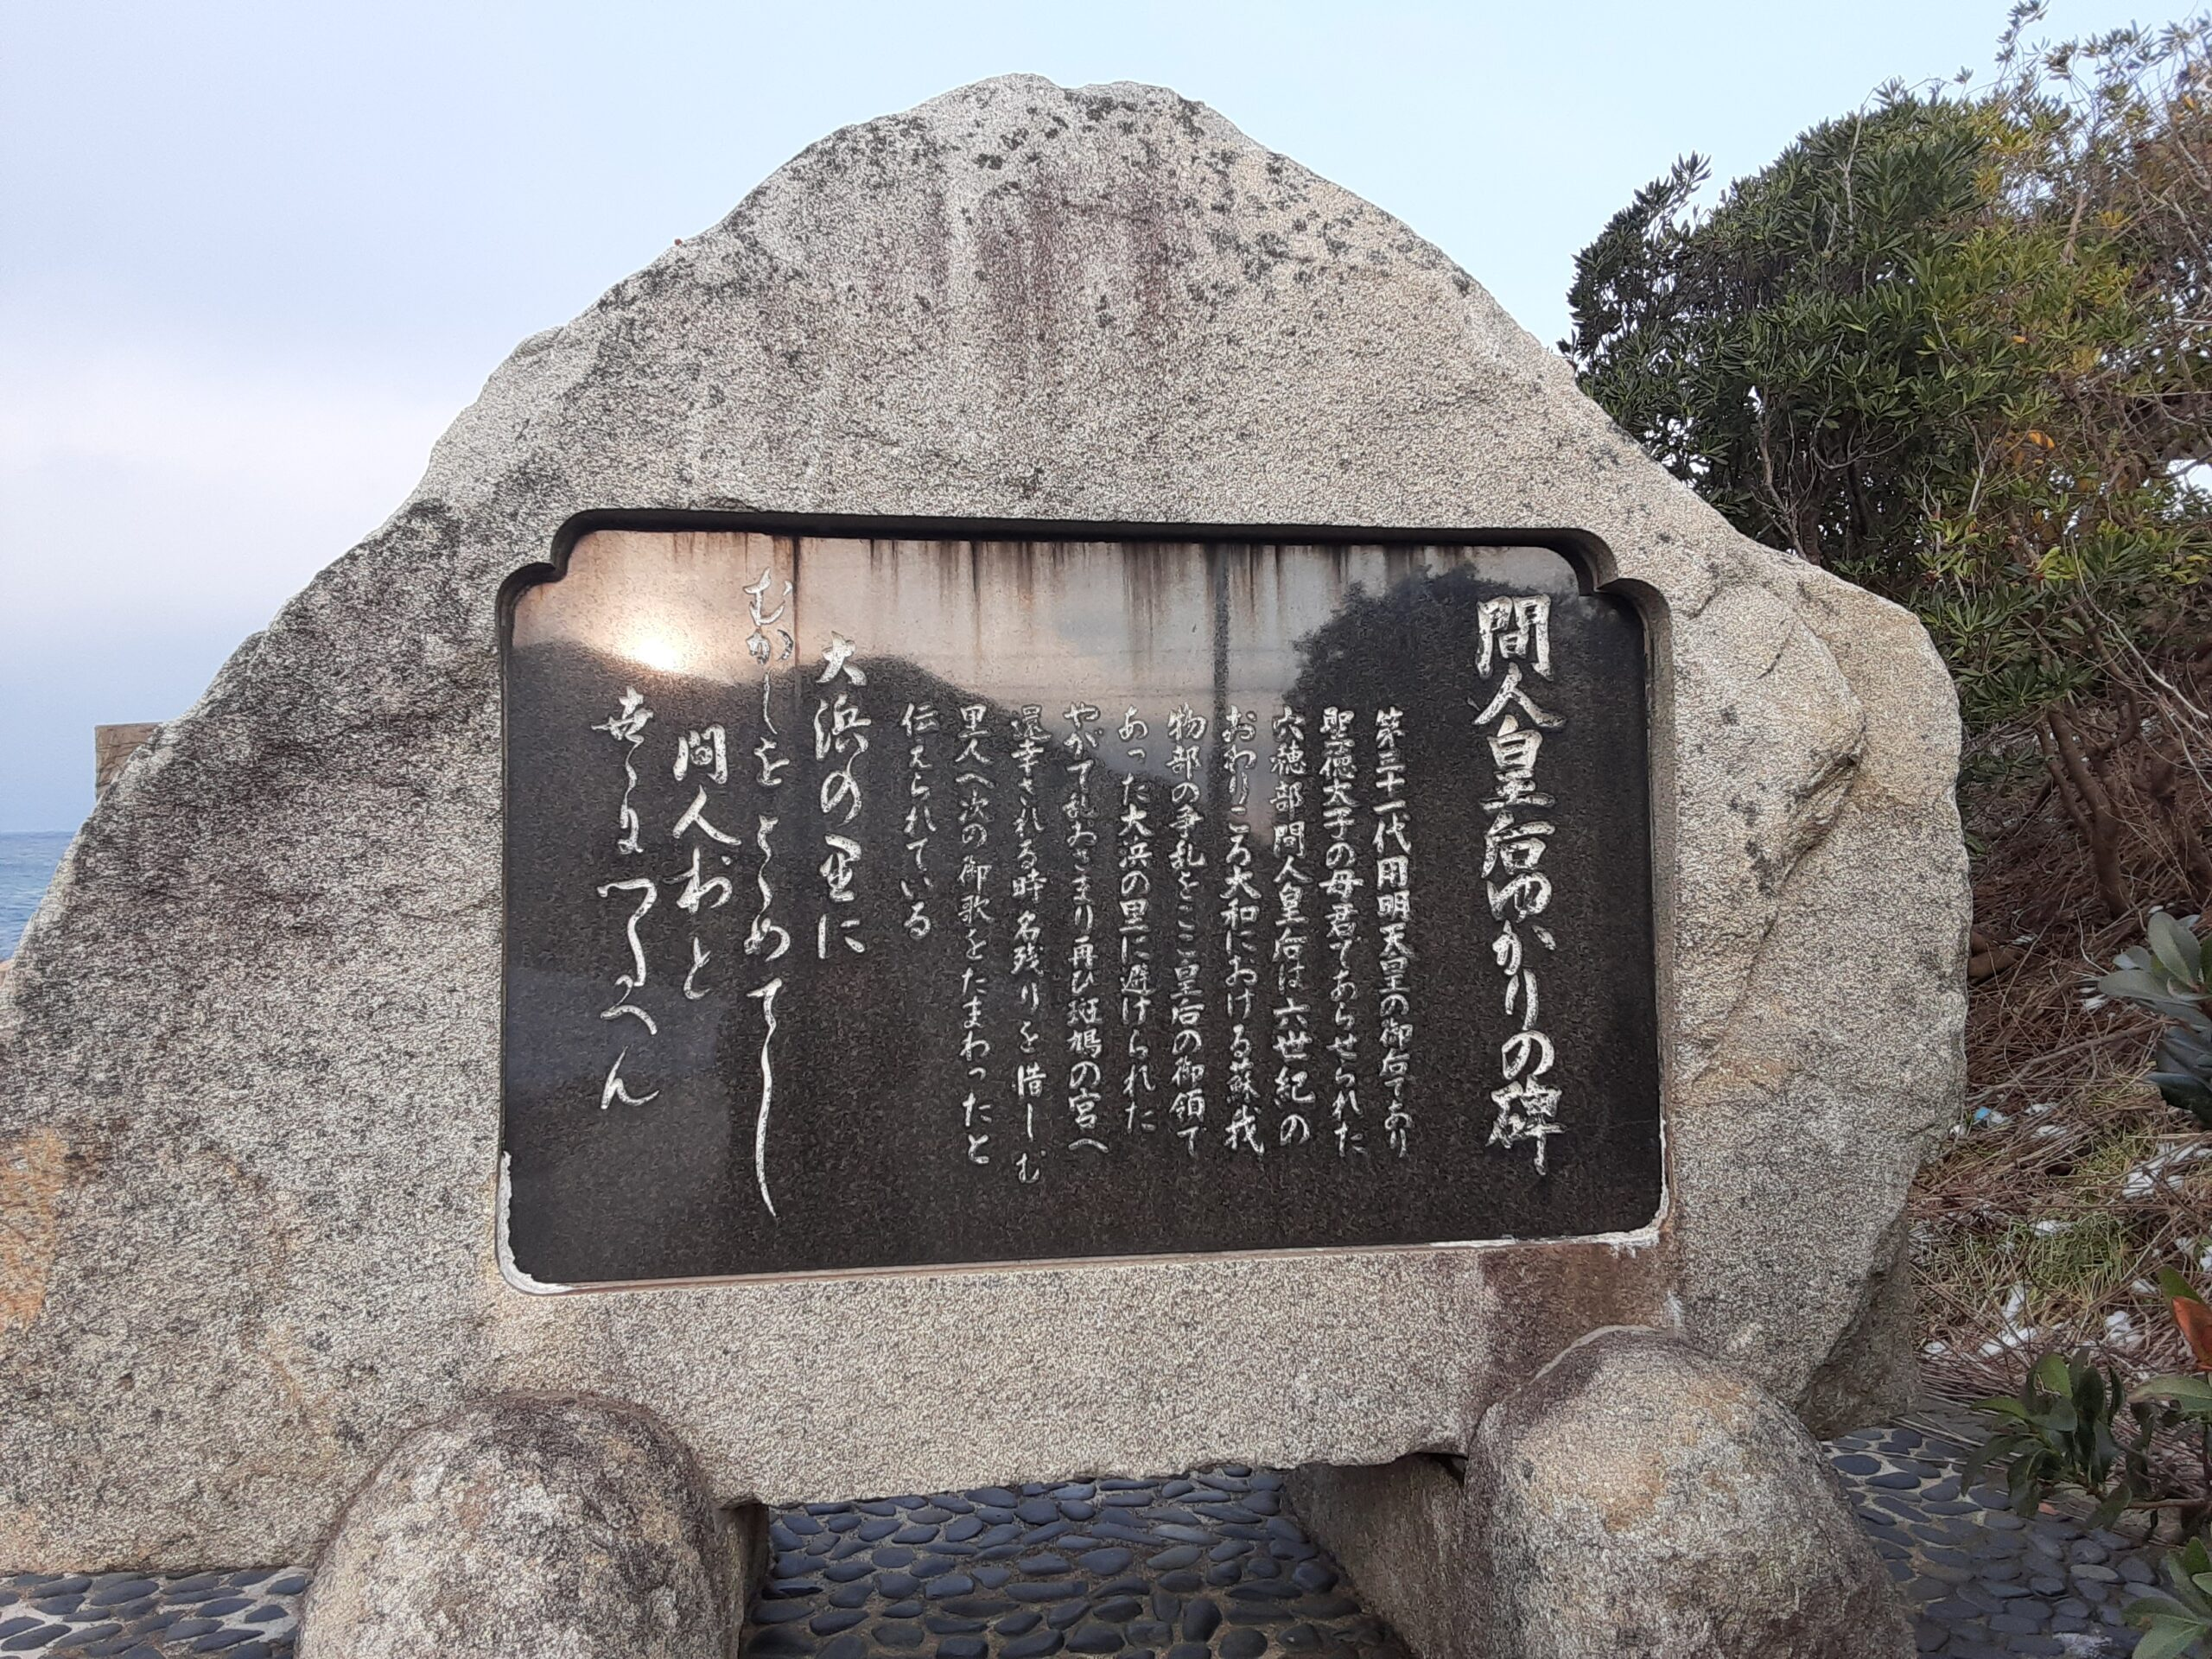 歴史・温泉・蟹の揃った町「間人」は素敵な町でした🌟